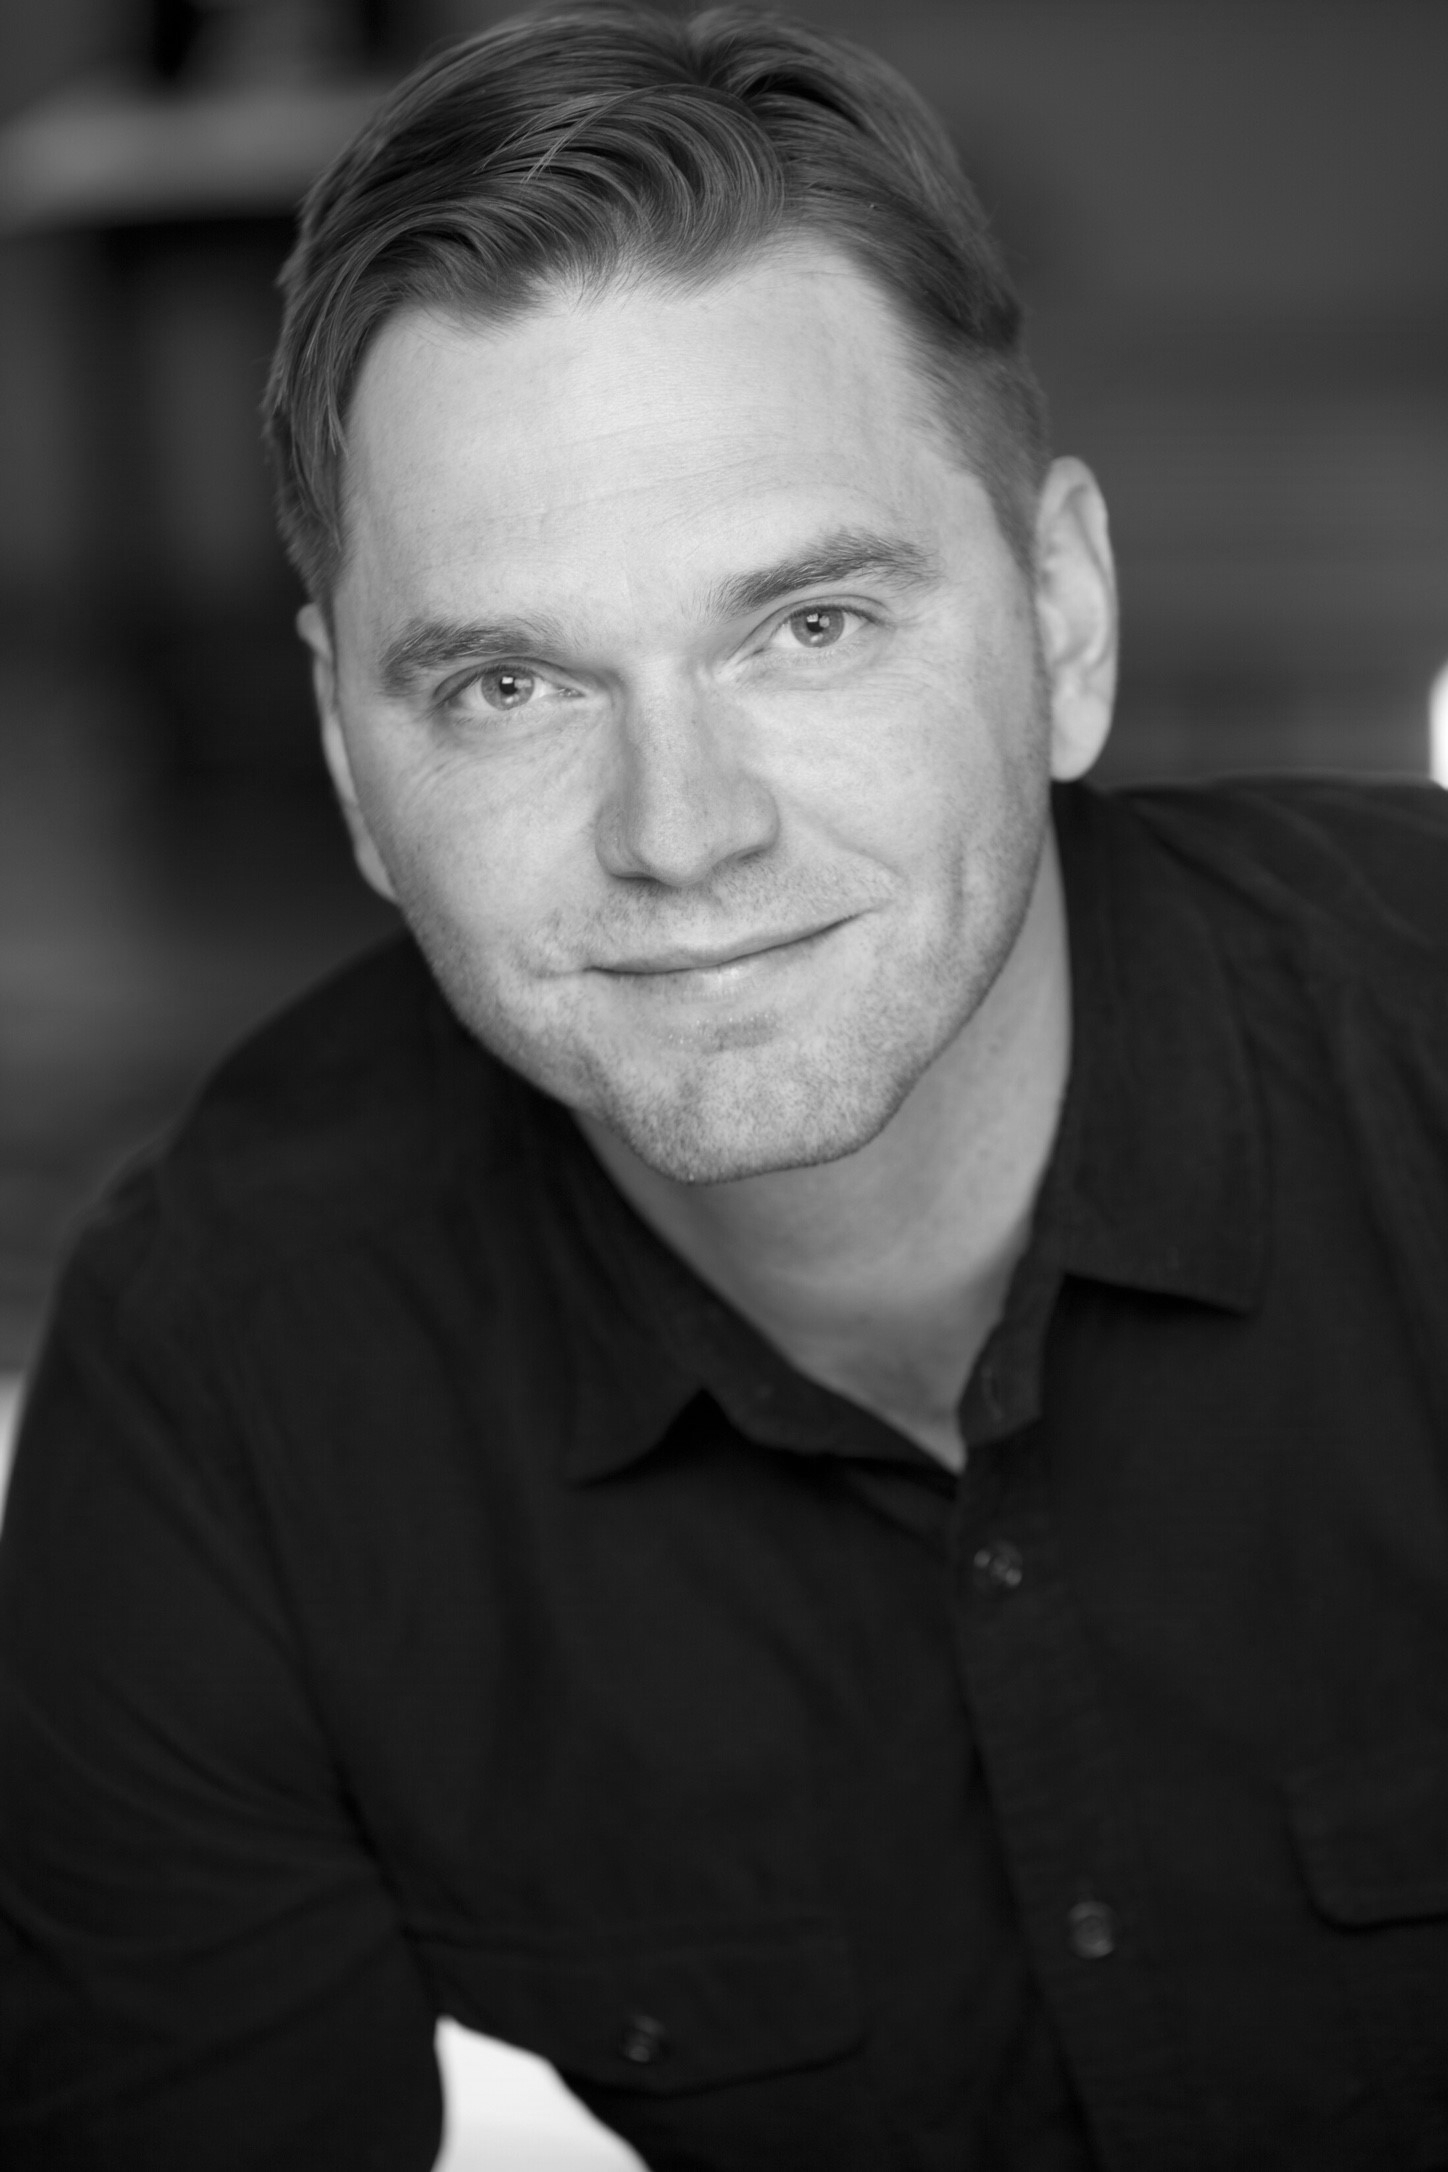 Dieter Bierbrauer (Booth)